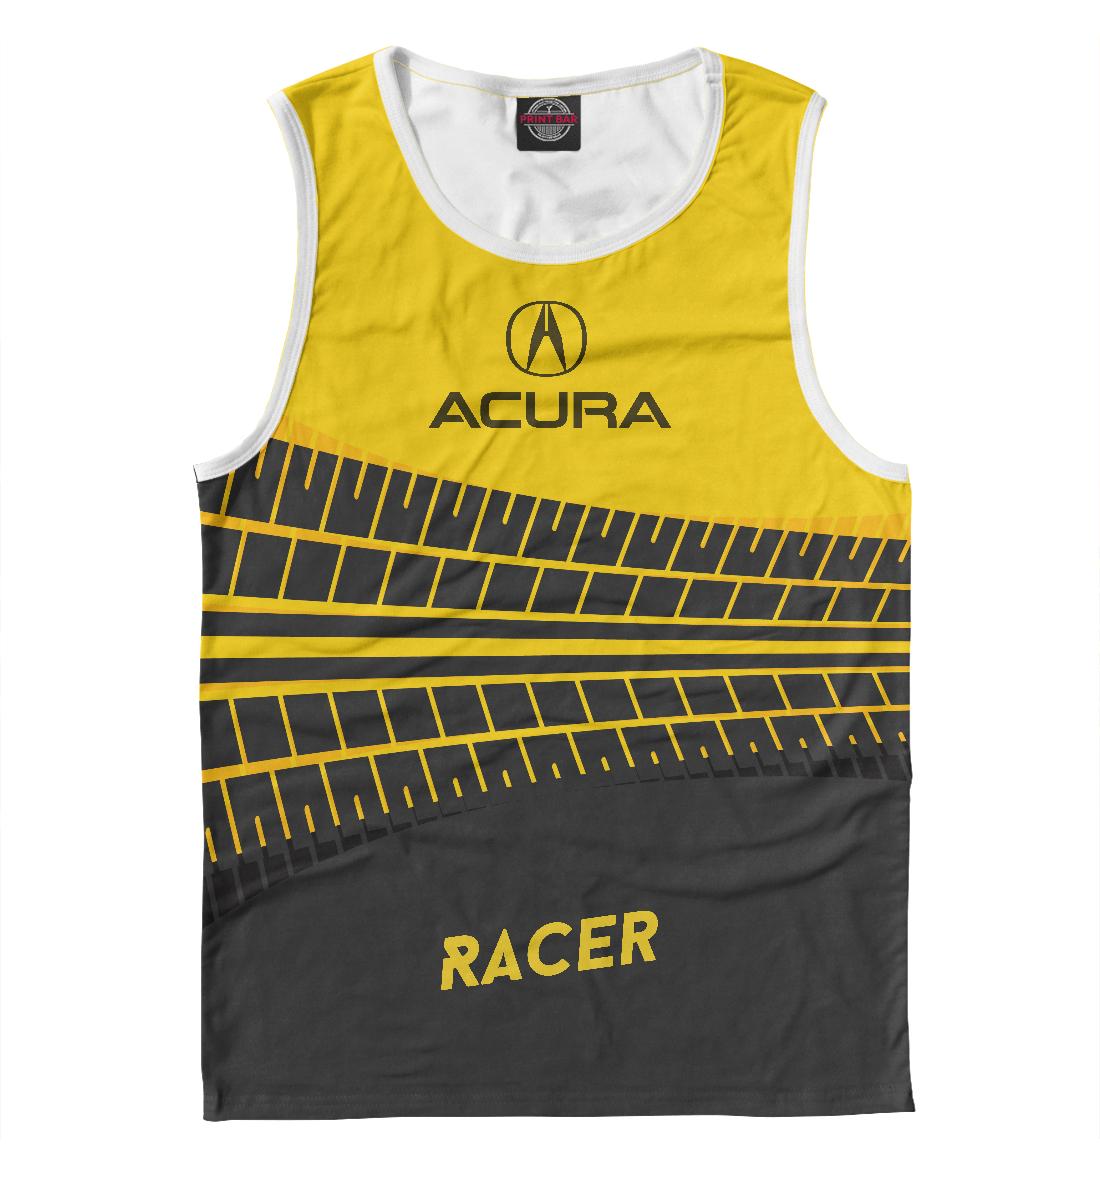 Майка Acura racer